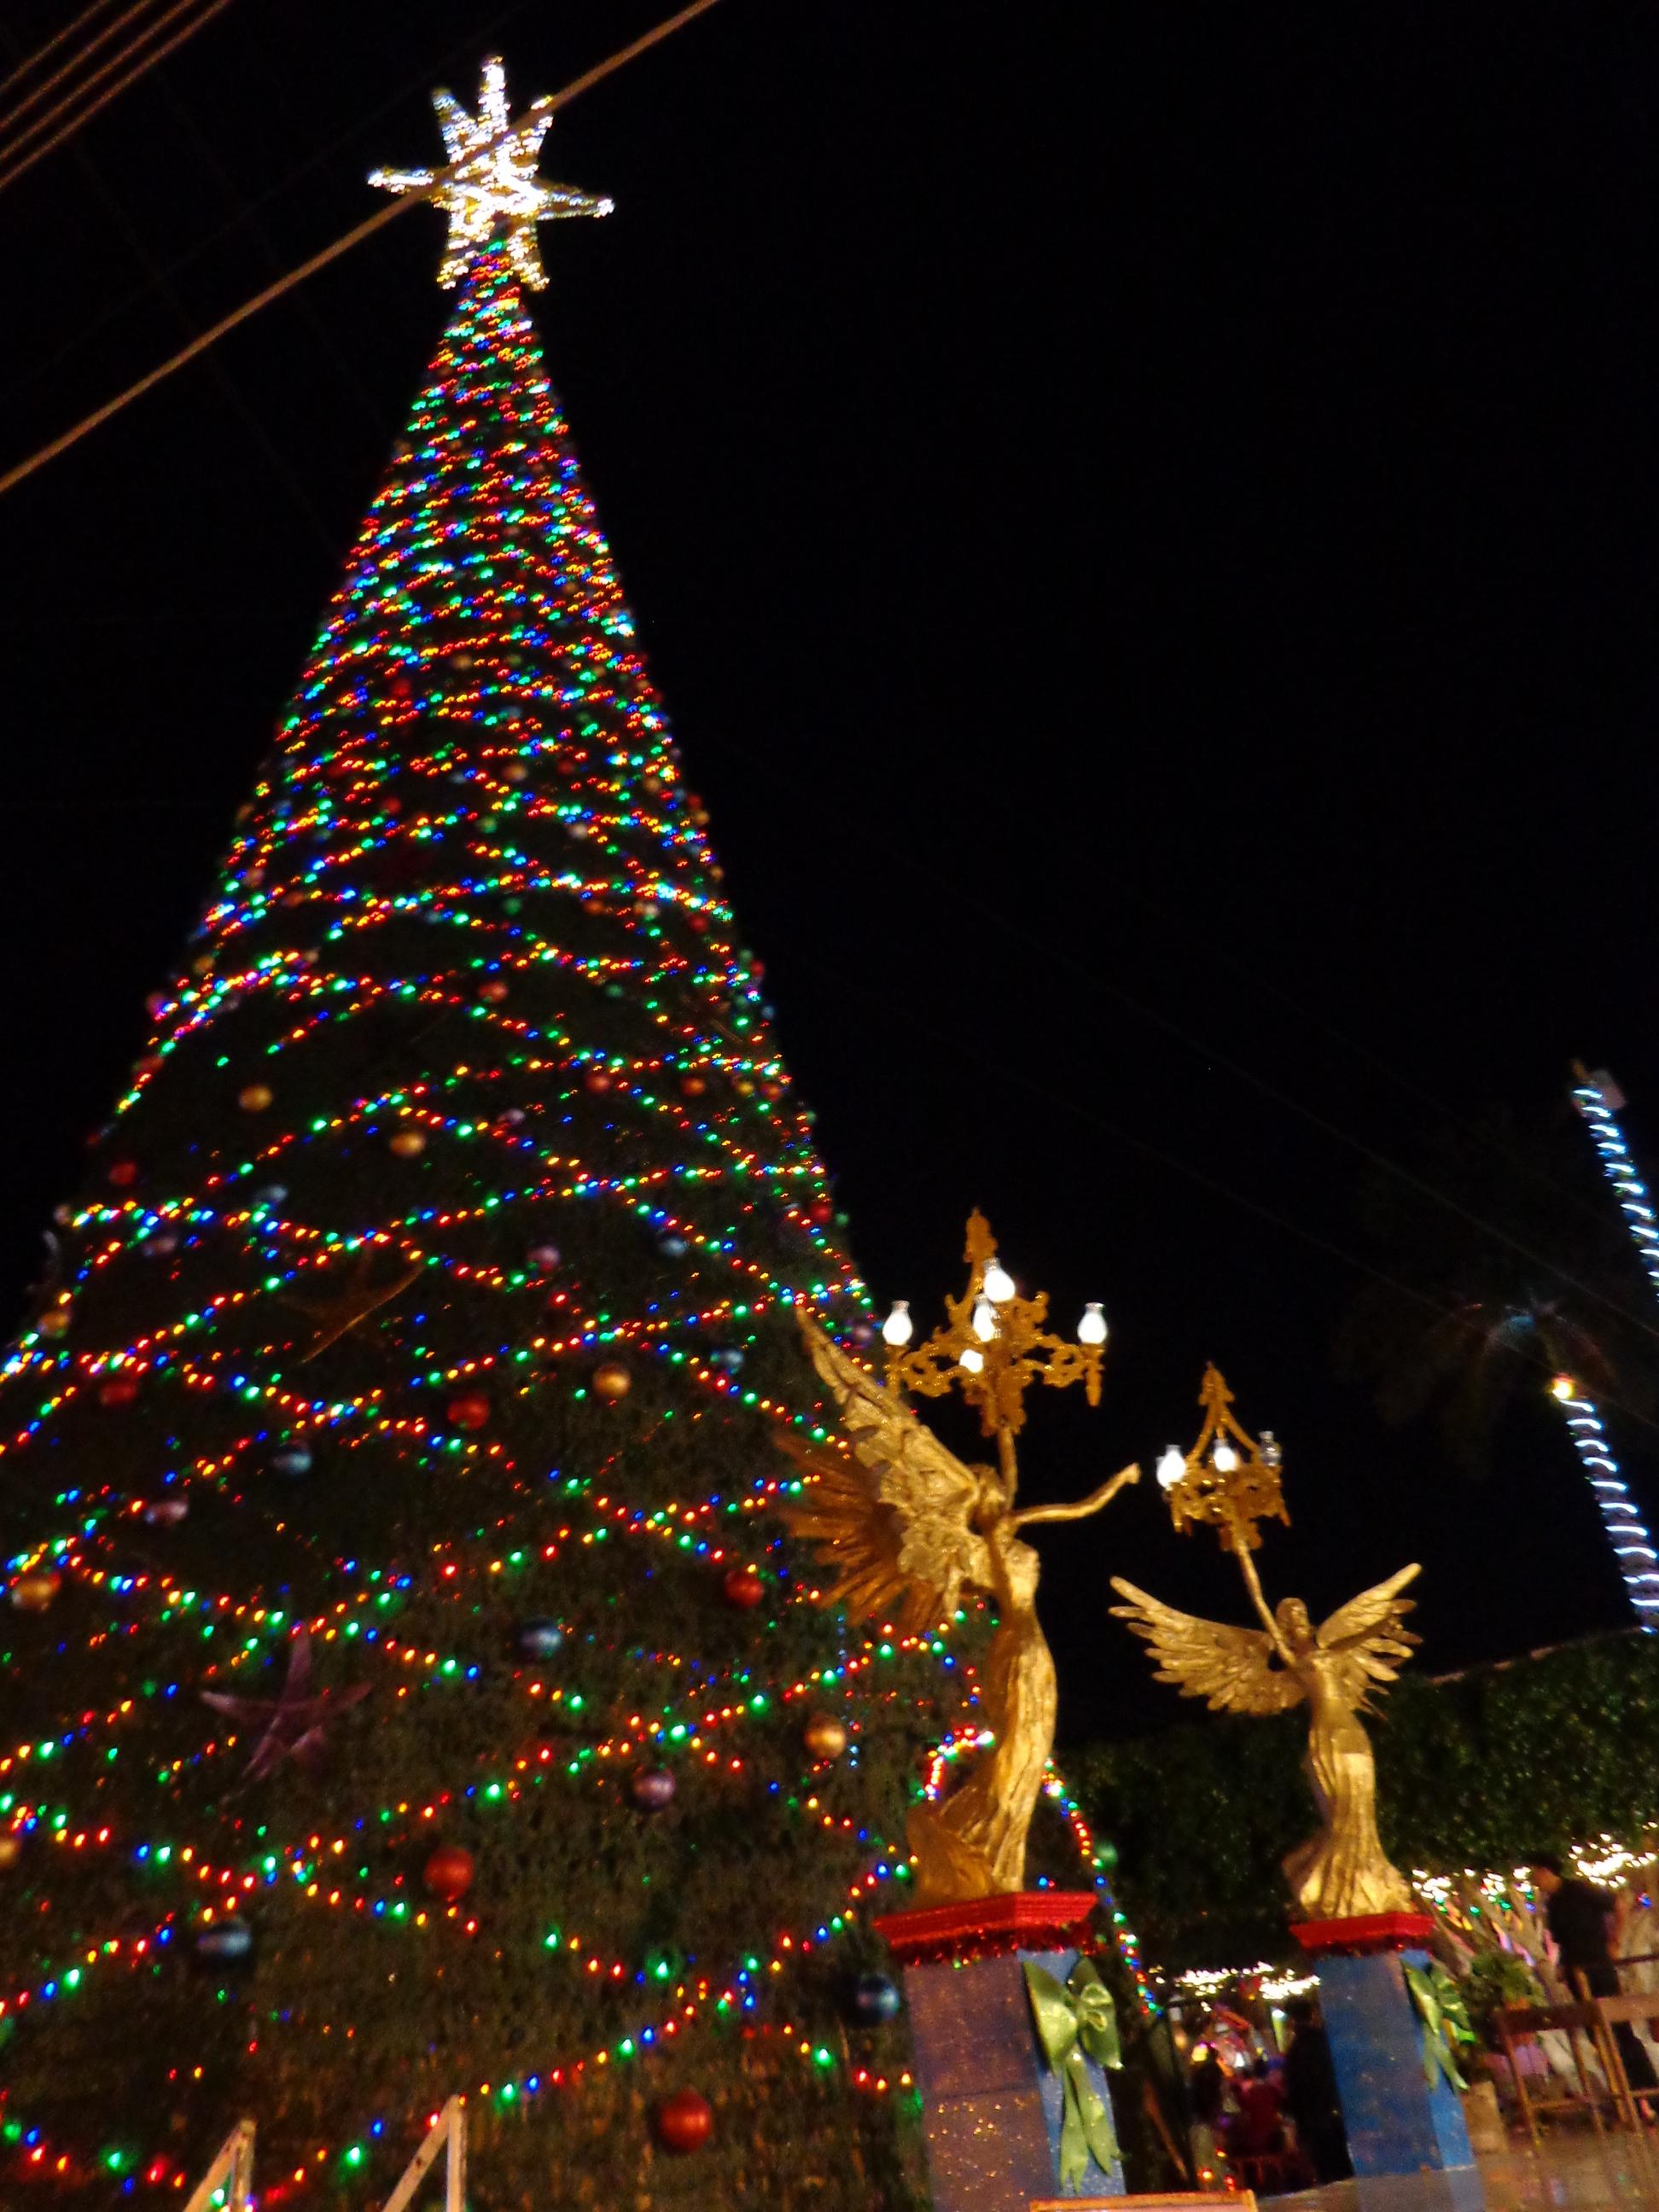 Navidad 2013 paz en la tierra a los hombres de buena - Deseos para la navidad ...